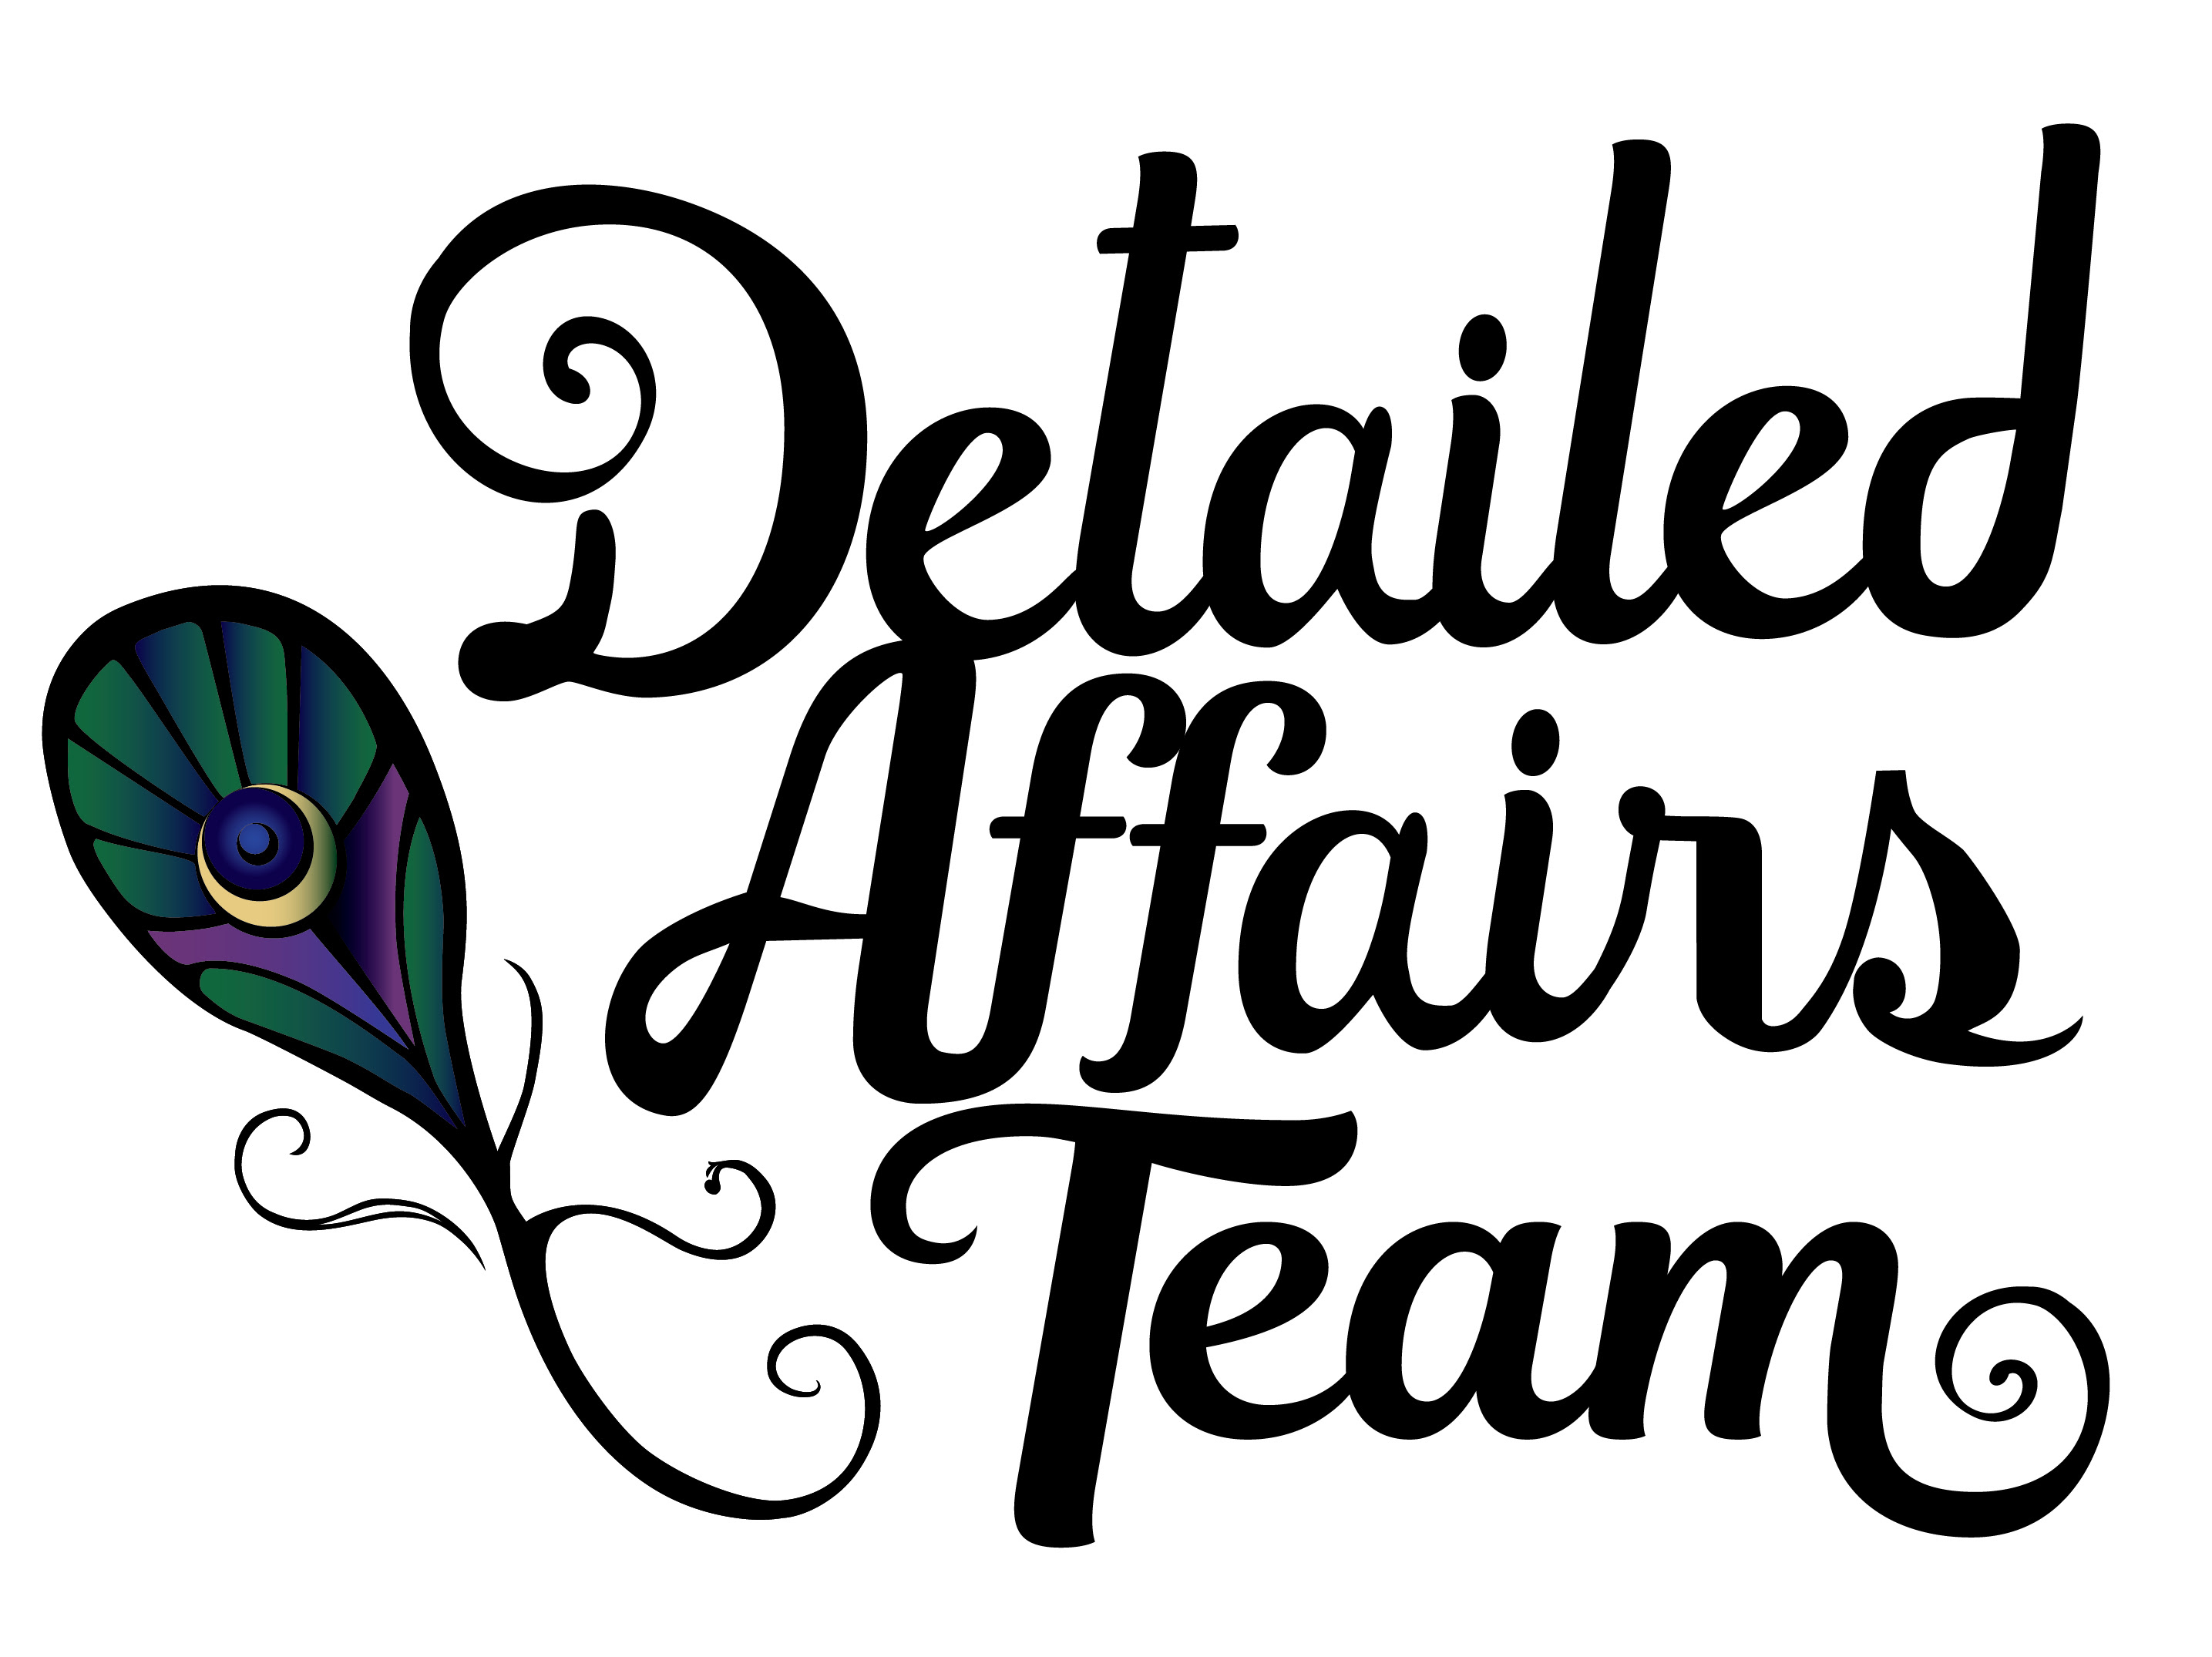 Detailed Affairs Team